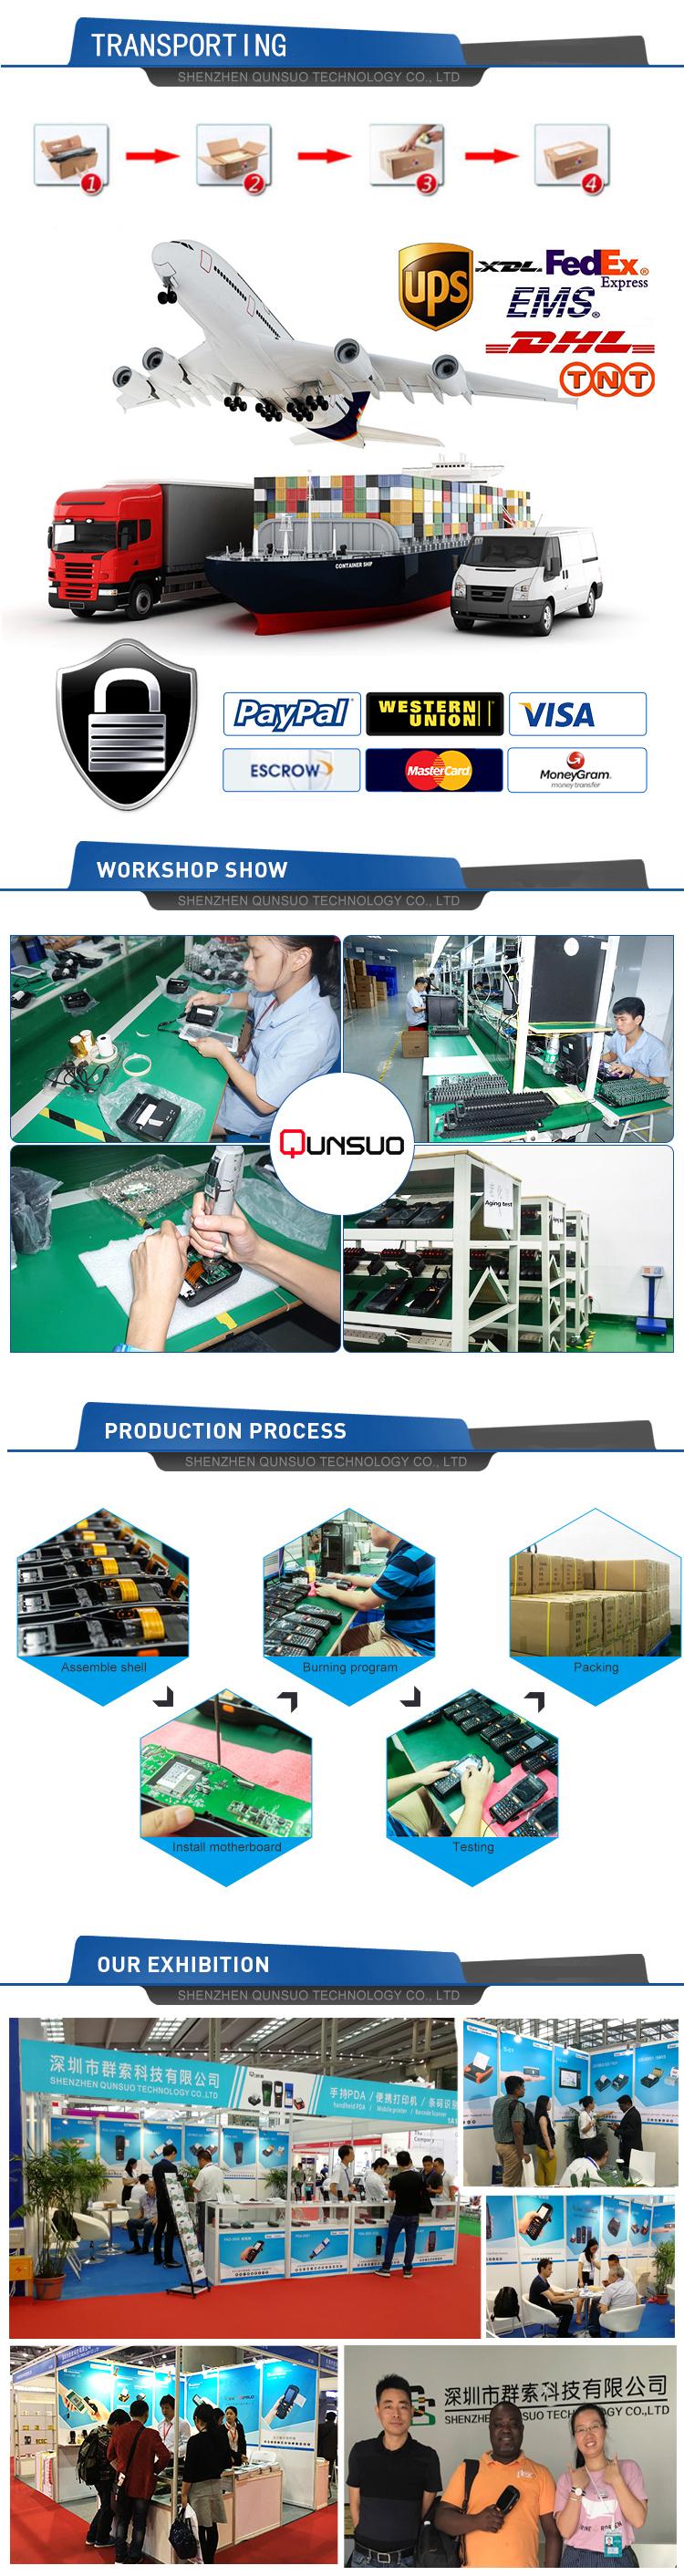 Transport+workshop.jpg